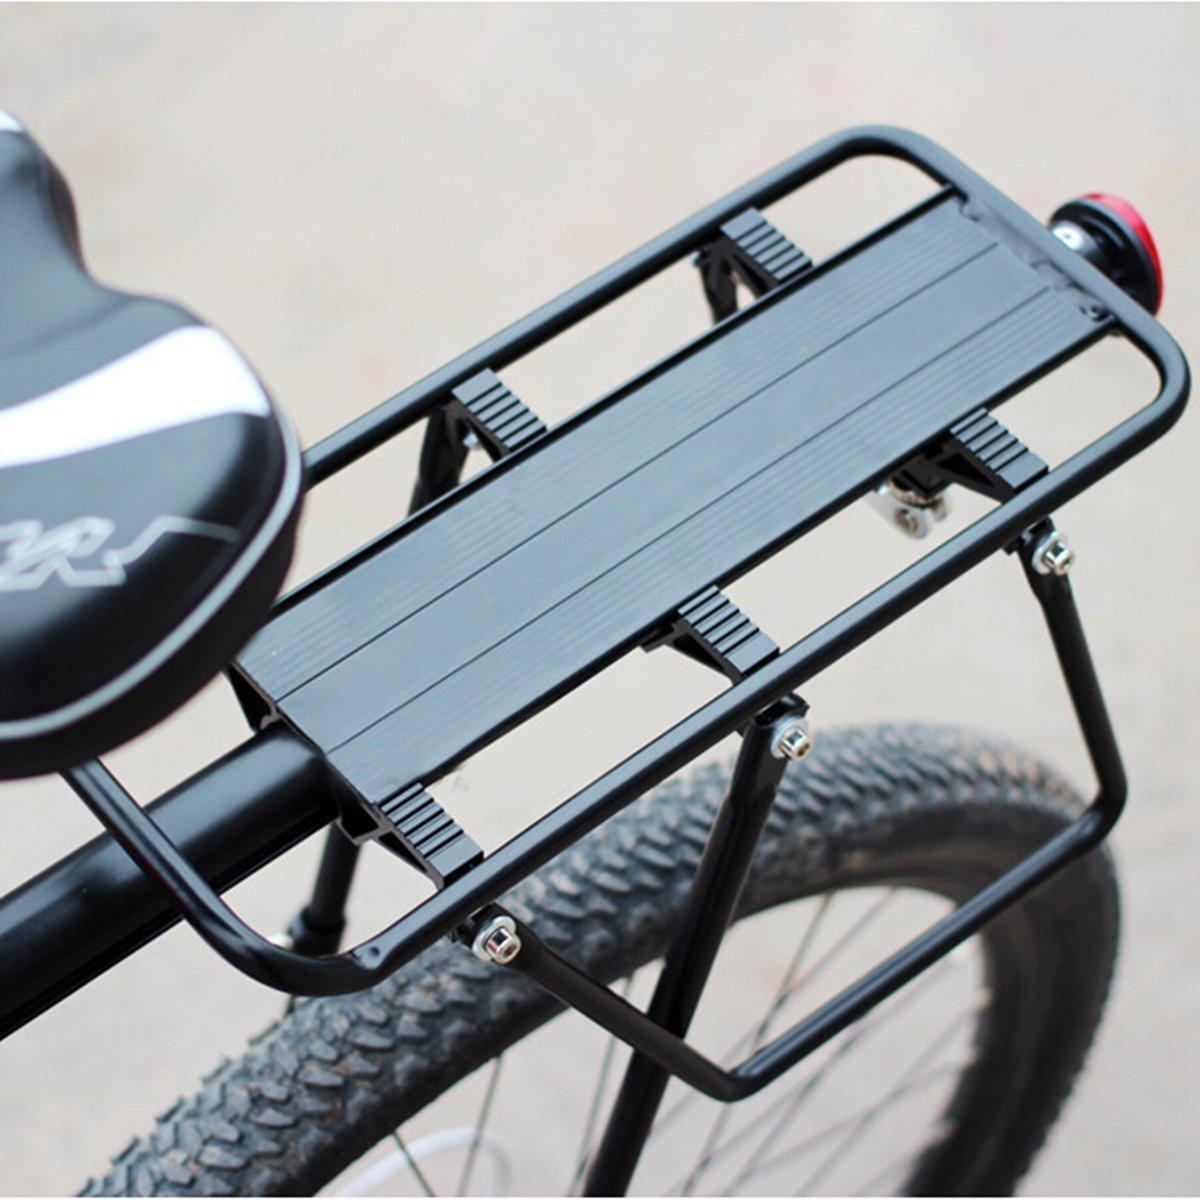 sella di una bici